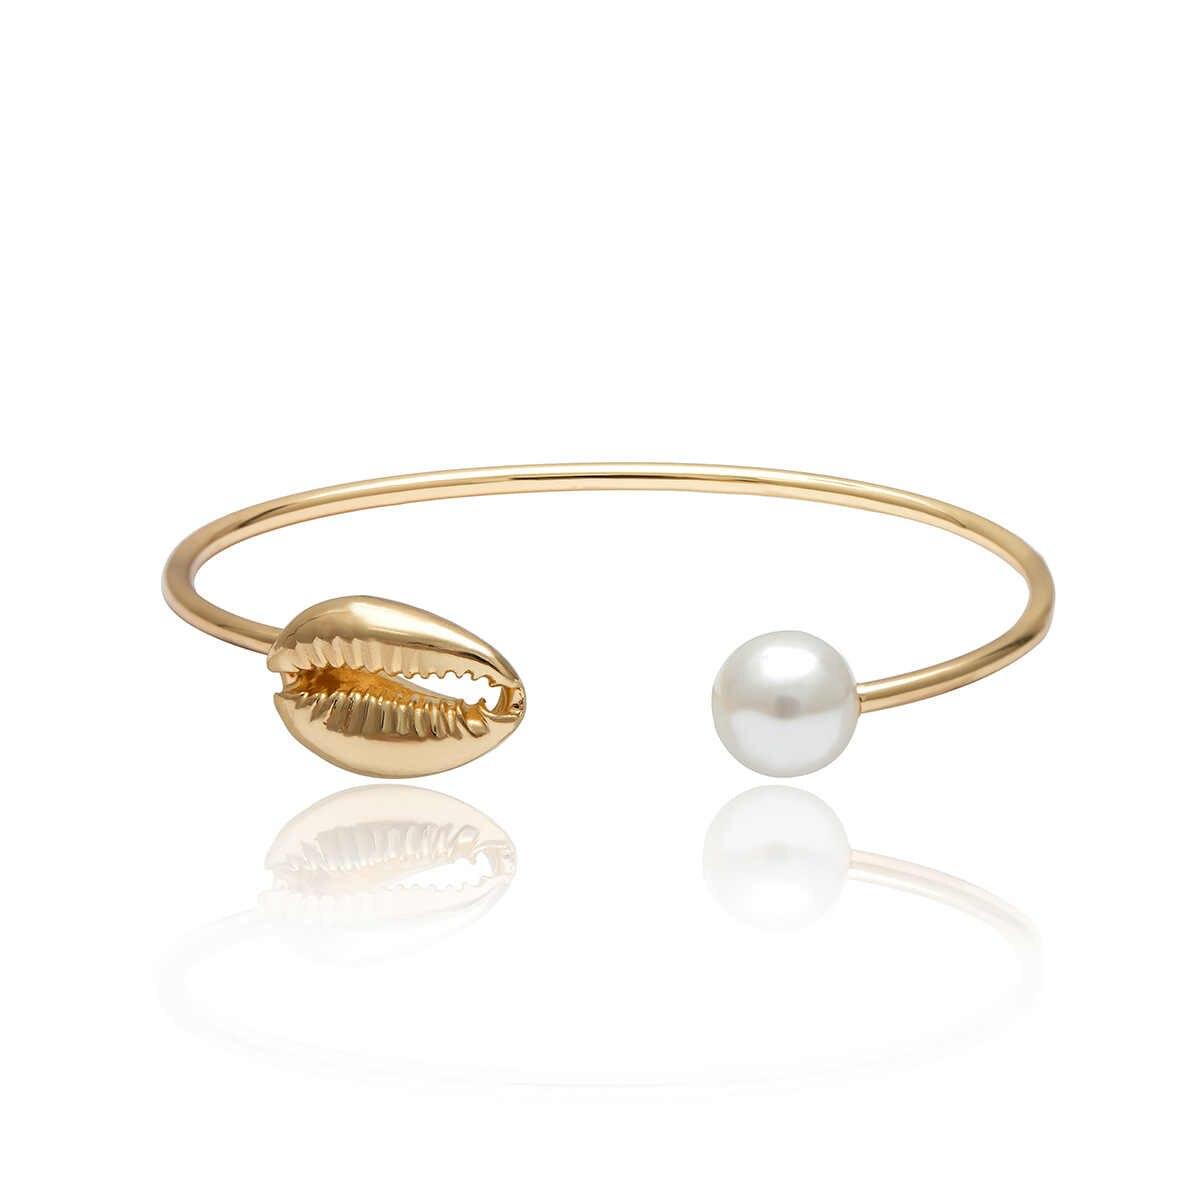 Золотой Цвет Раковина Каури браслеты для женщин жемчужные бусины Шарм размер браслета-манжеты браслет богемные пляжные украшения Mujer Pulseras